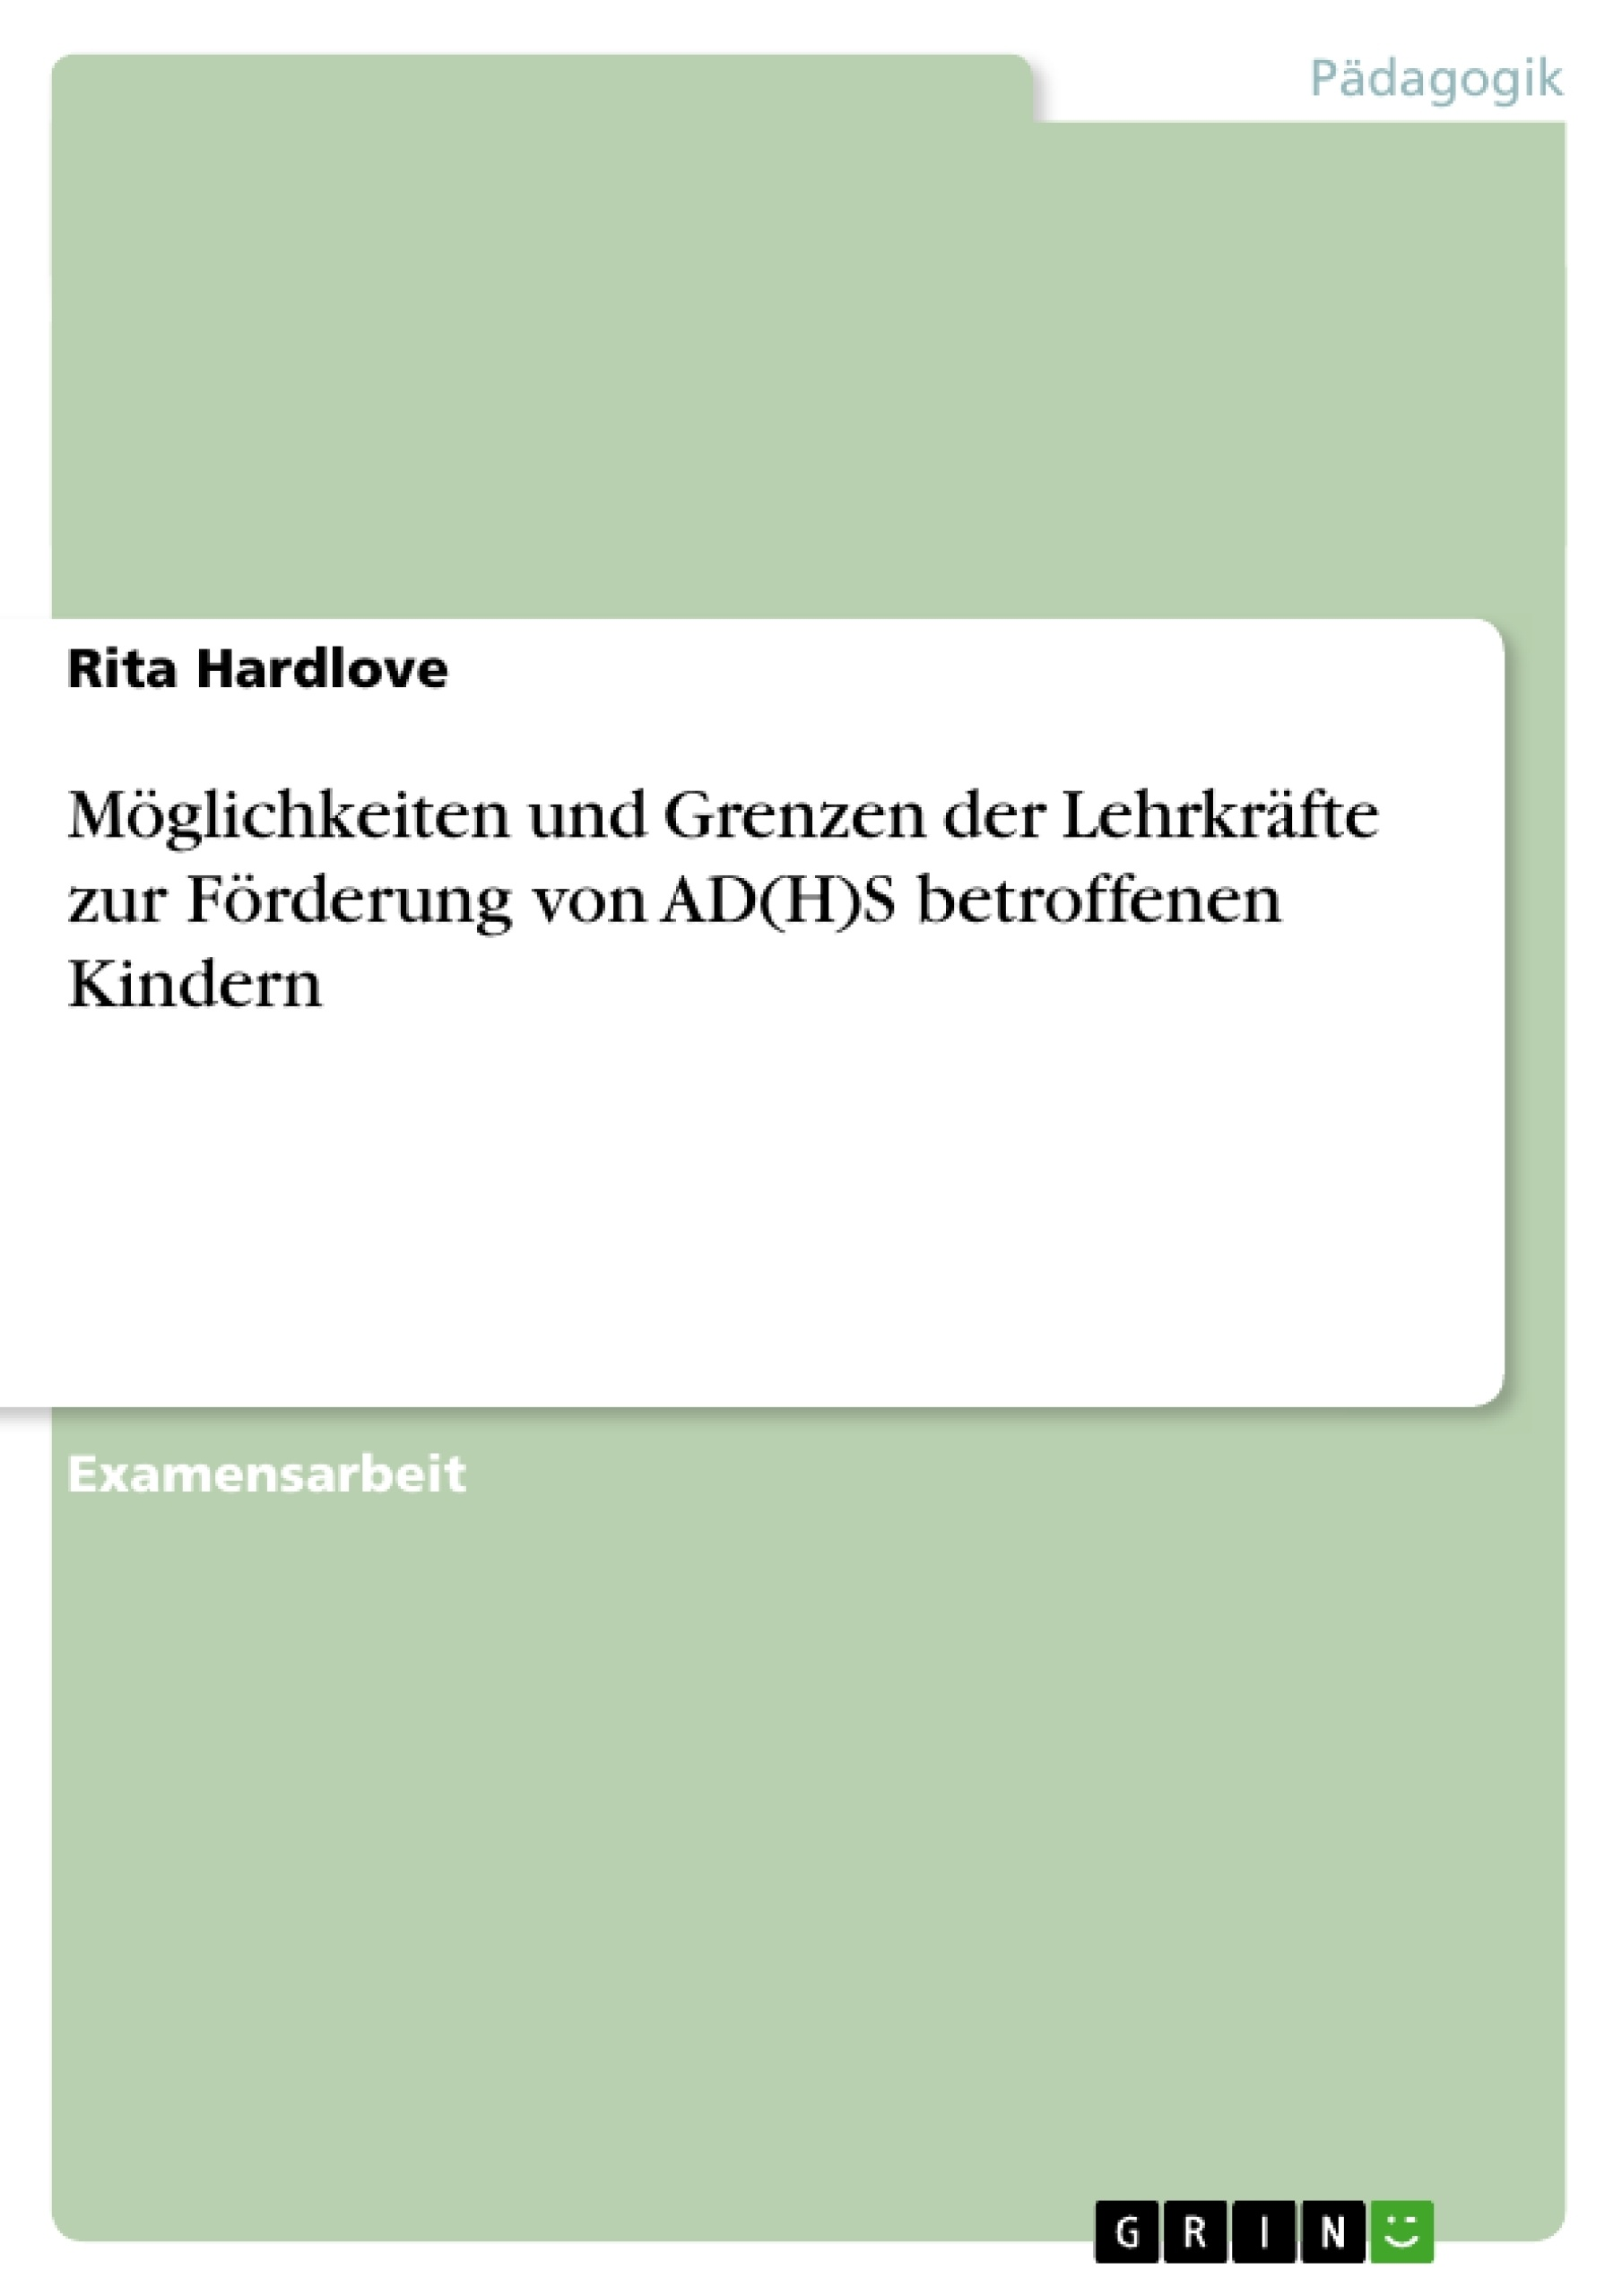 Titel: Möglichkeiten und Grenzen der Lehrkräfte zur Förderung von AD(H)S betroffenen Kindern